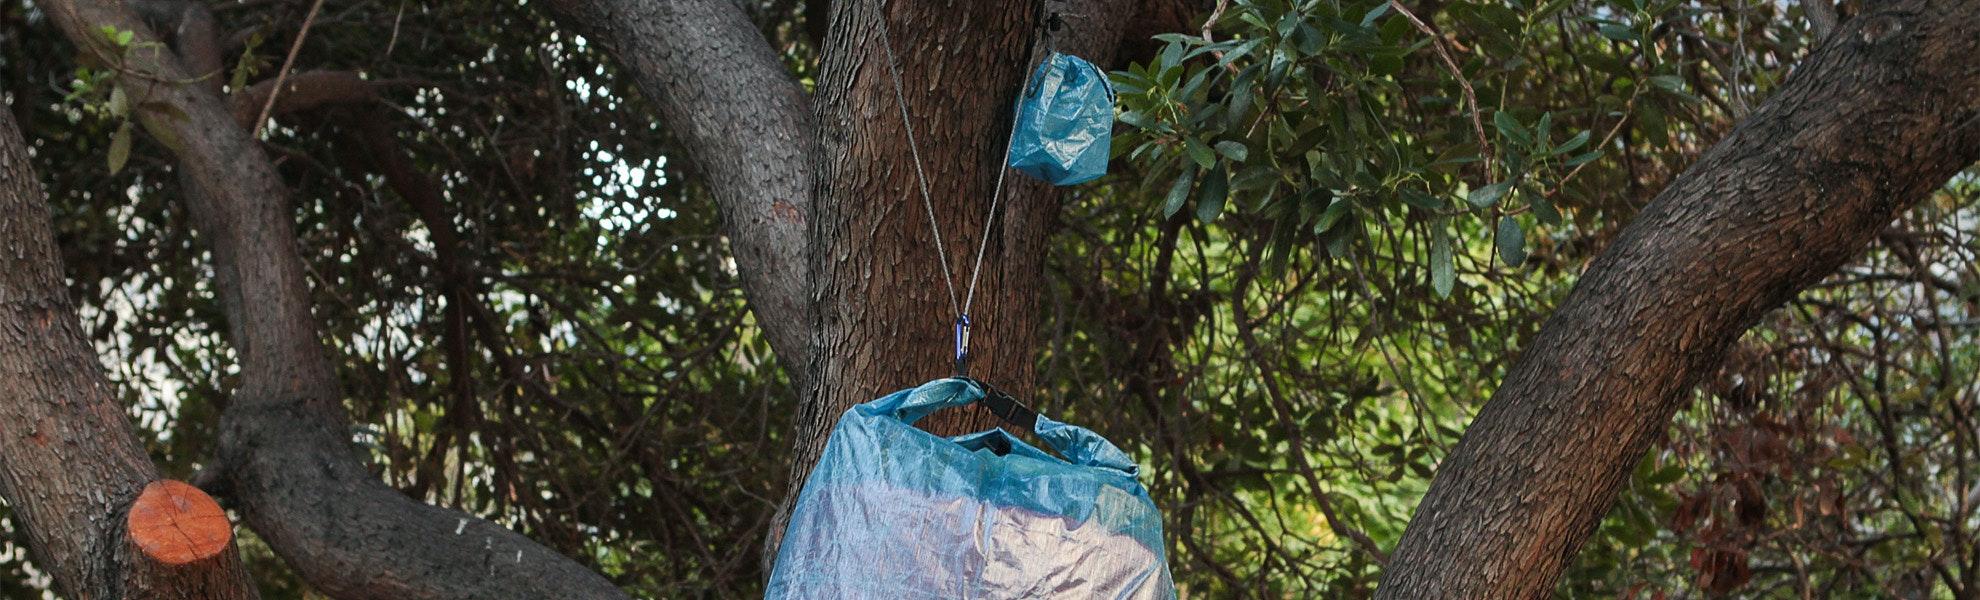 ZPacks Cuben Fiber Bear Bag Kit